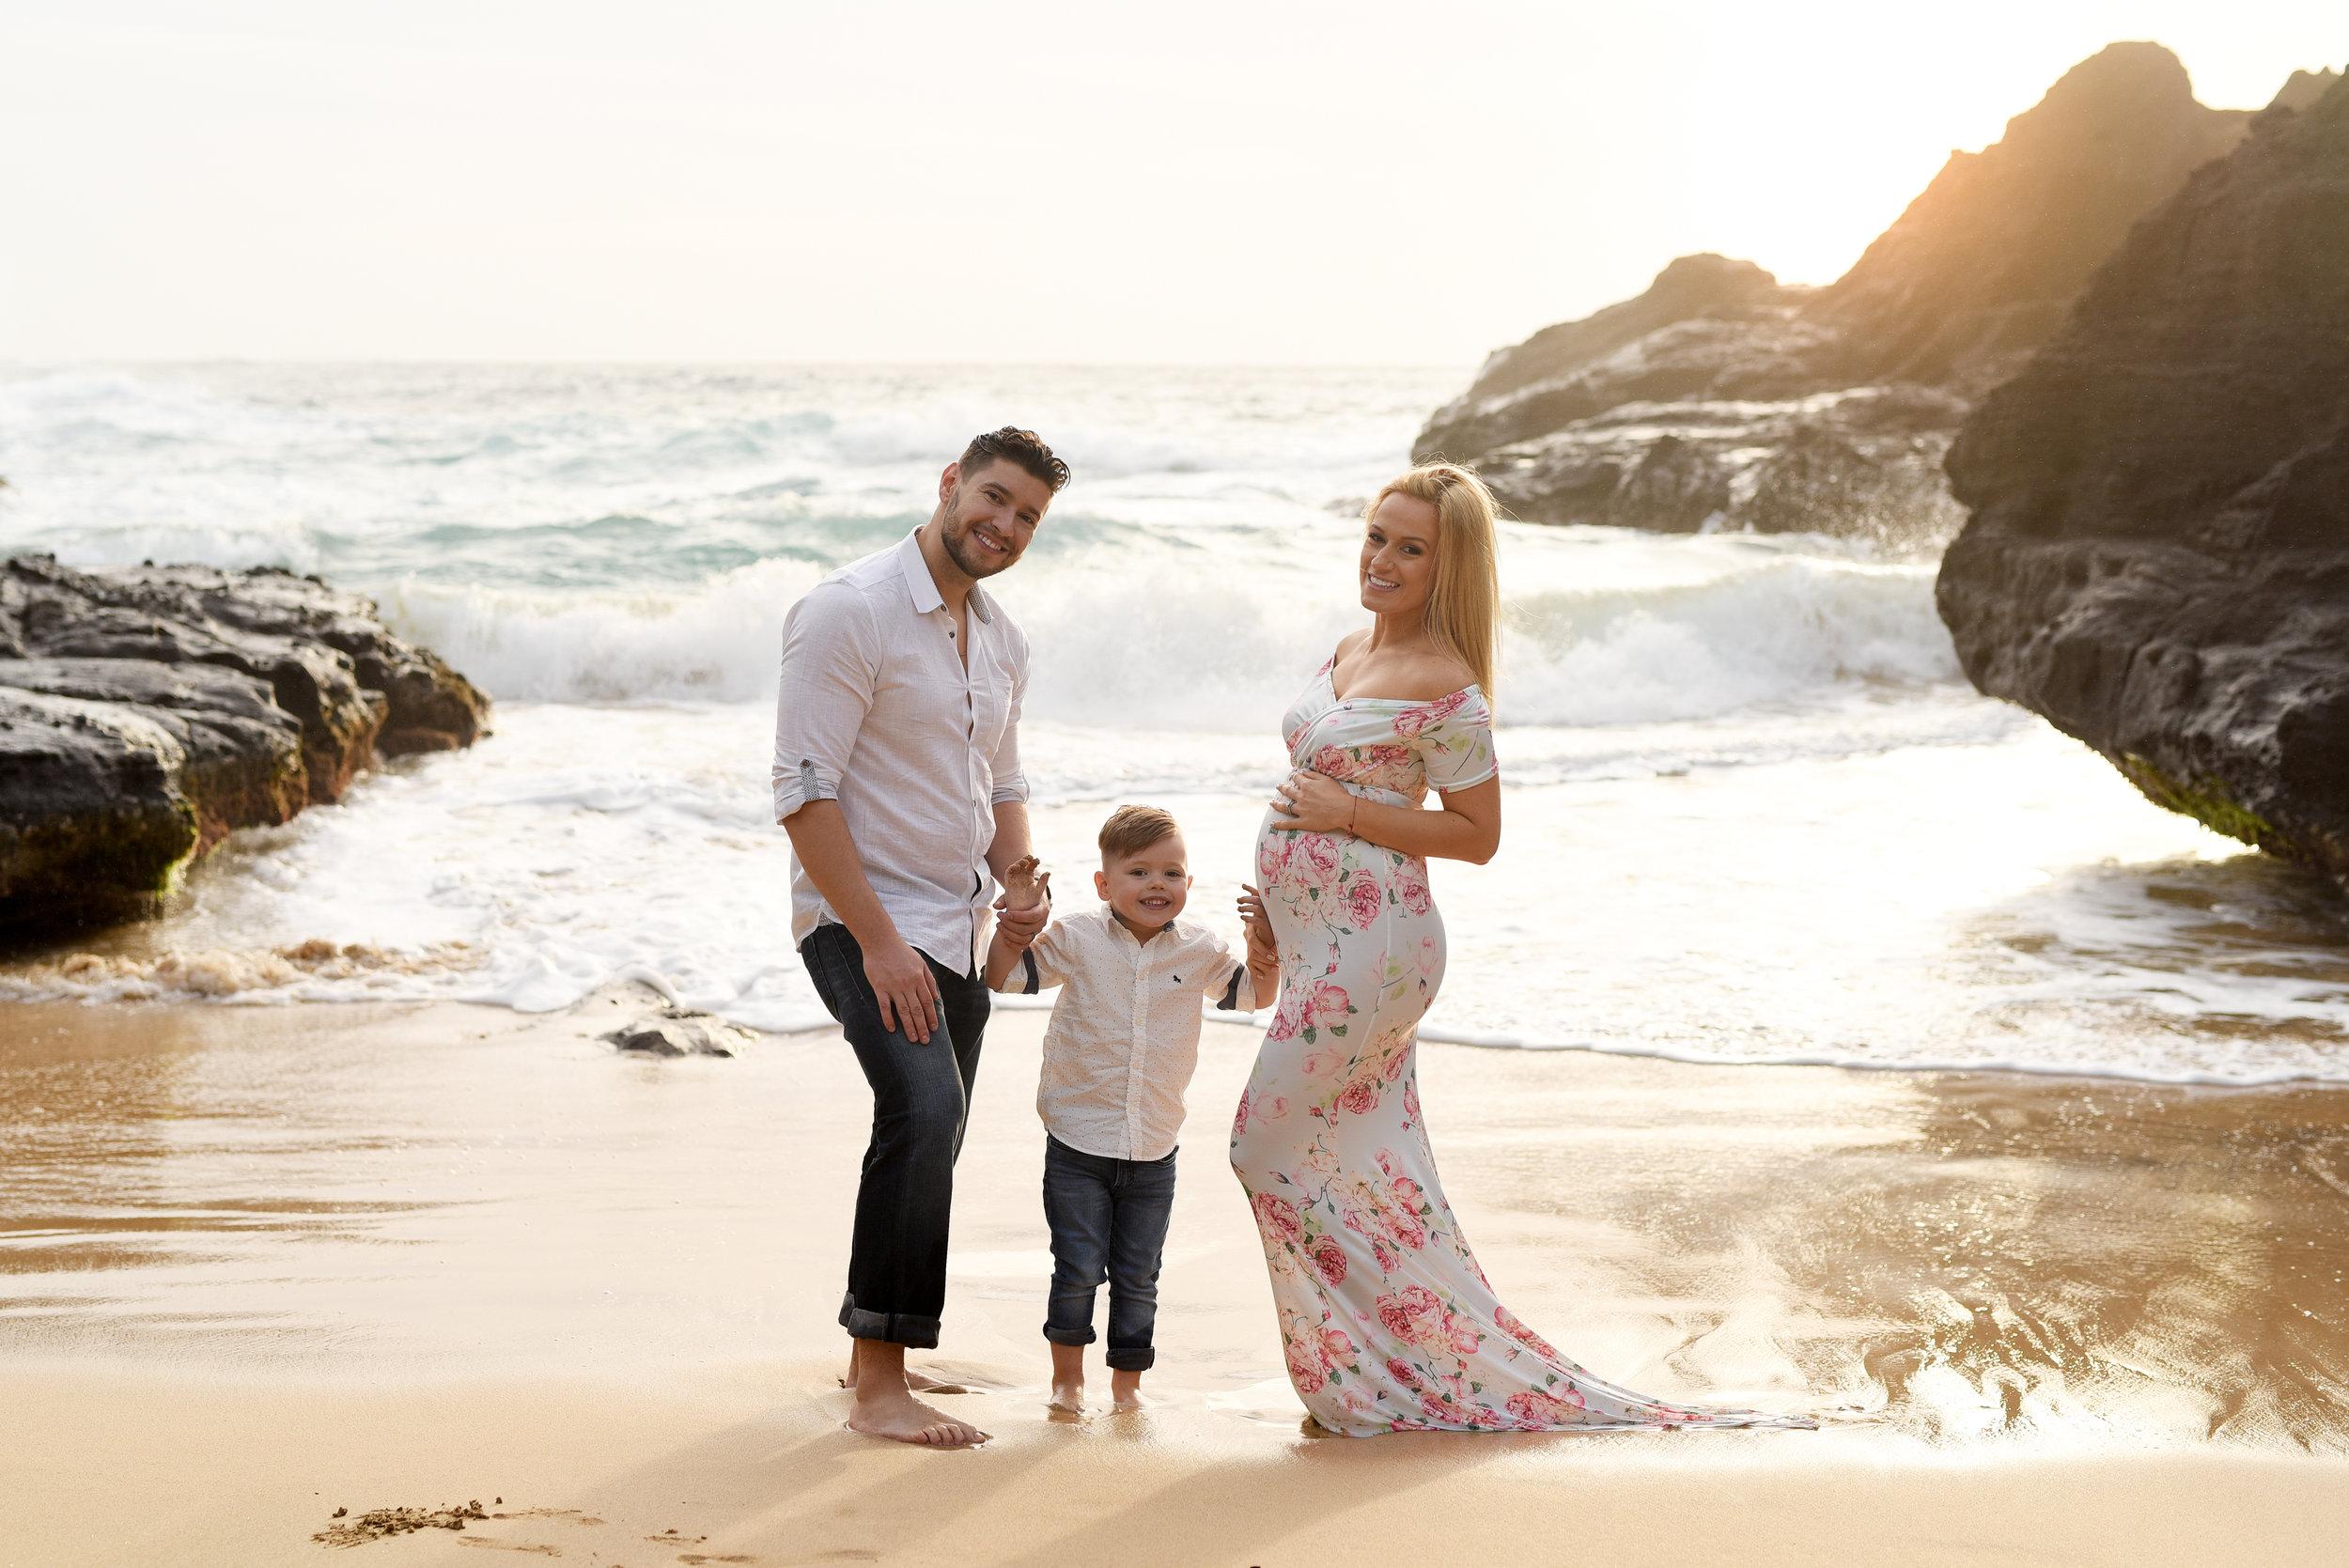 sarah_lynn_photography_maternity_photographer_oahu_hawaii